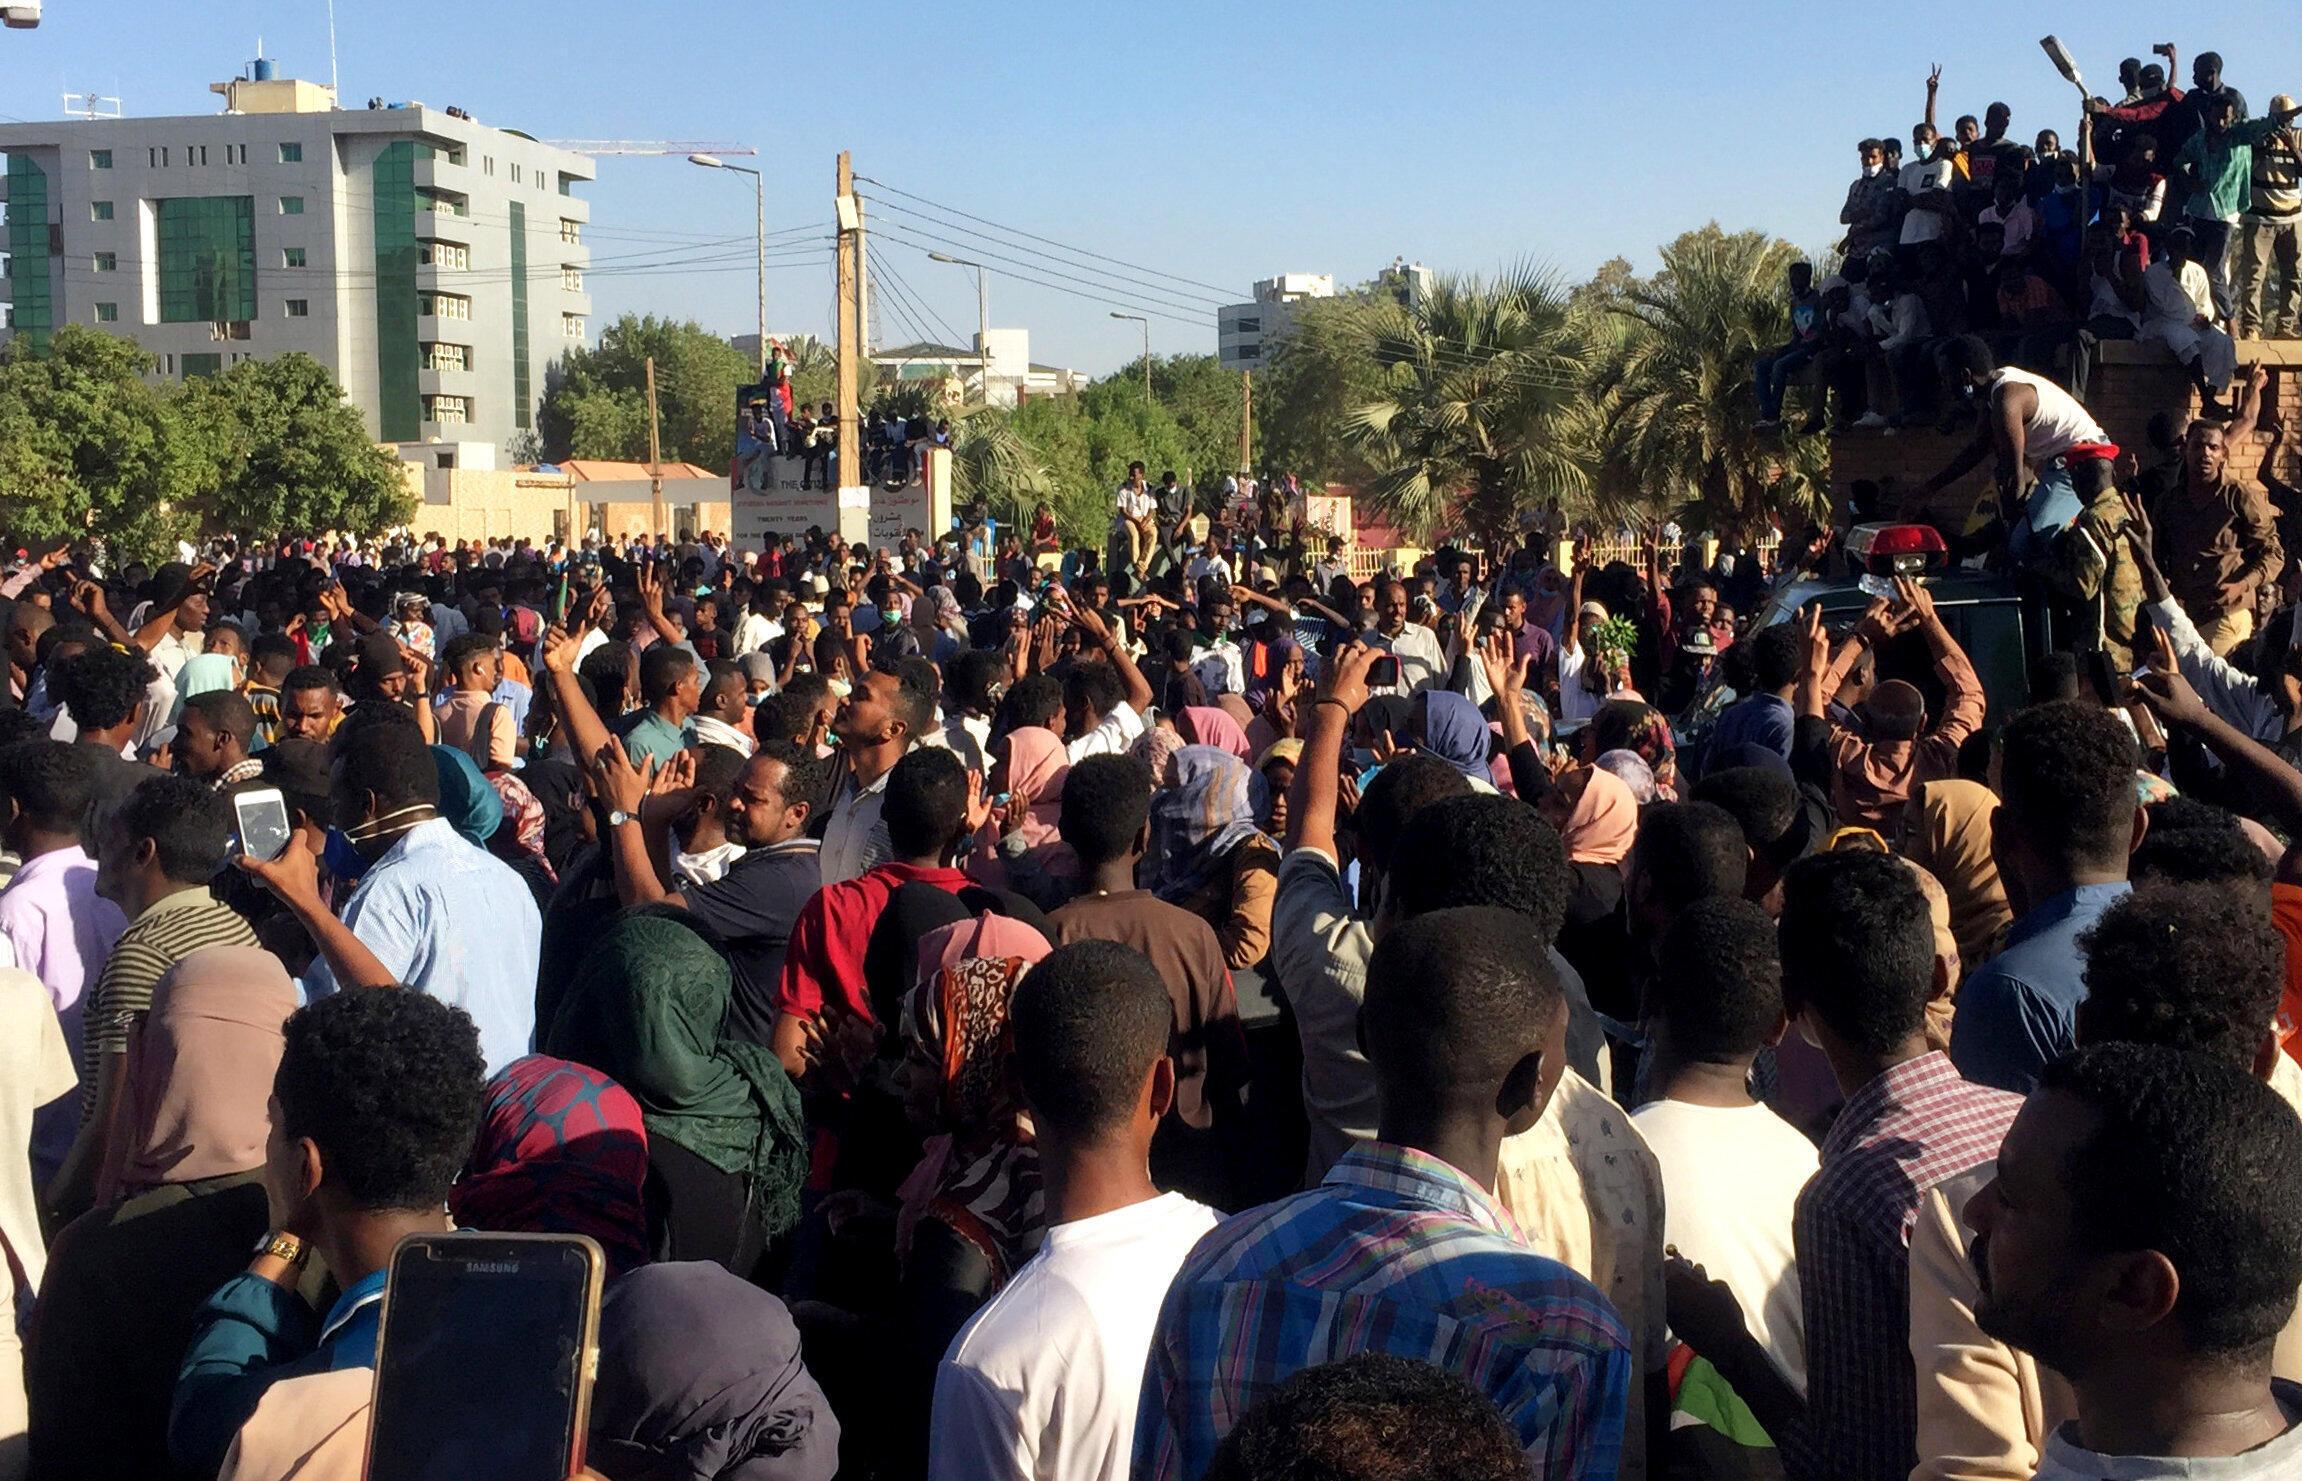 Manifestation à Khartoum pour exiger le départ du président el-Béchir, le 6 avril.